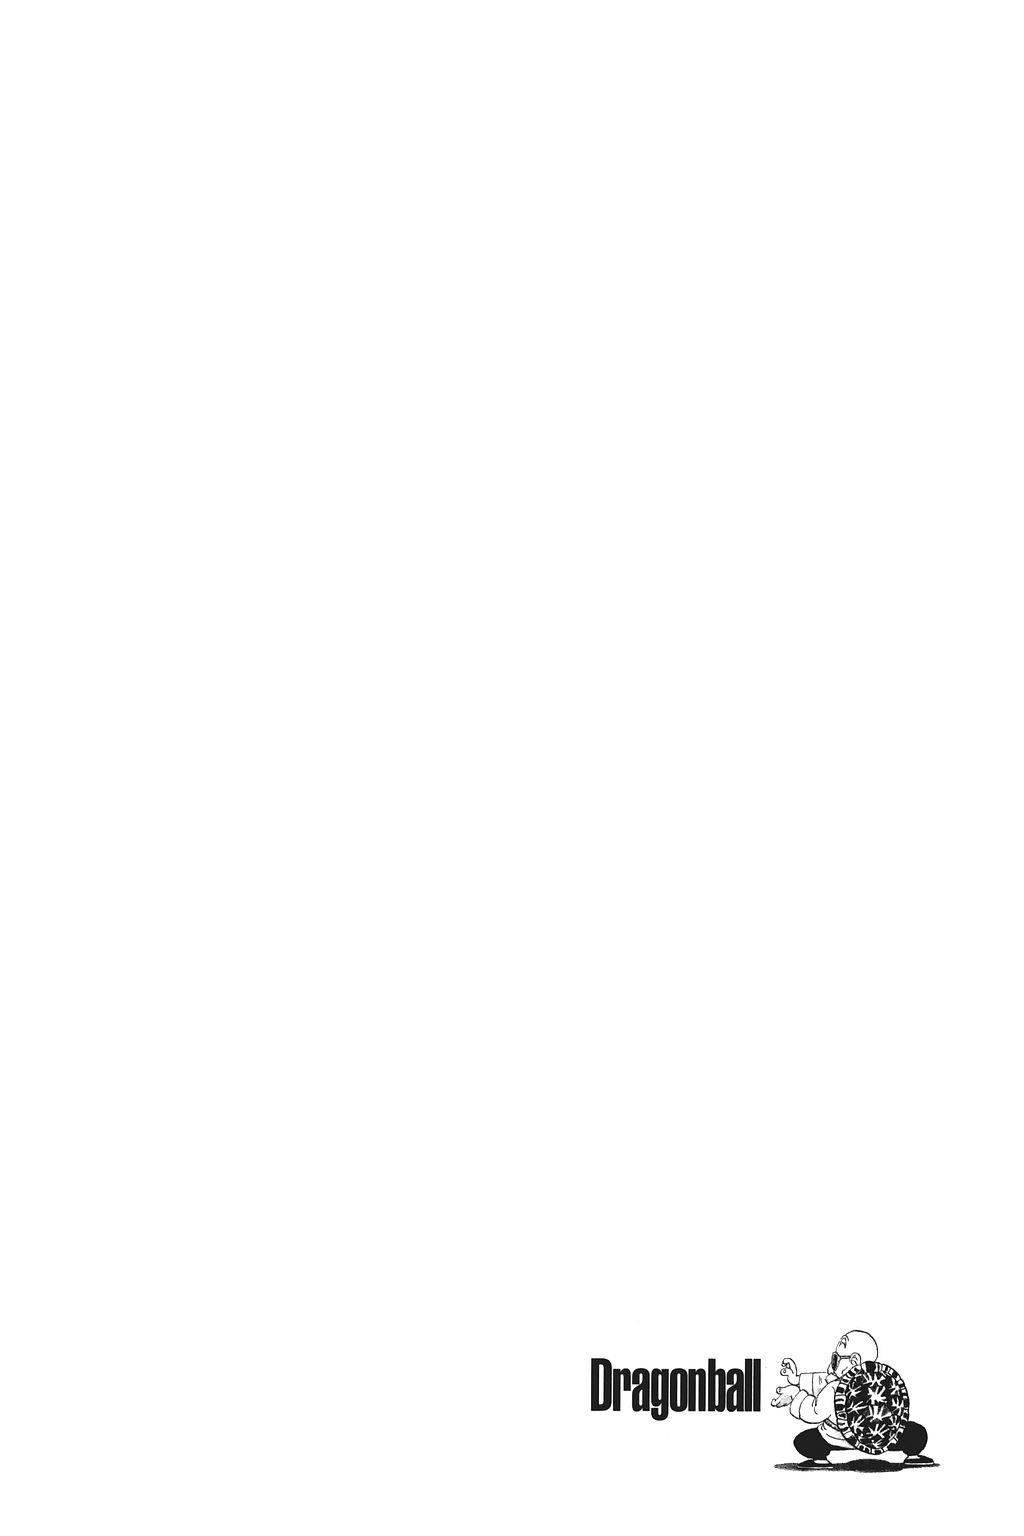 xem truyen moi - Dragon Ball Bản Vip - Bản Đẹp Nguyên Gốc Chap 432